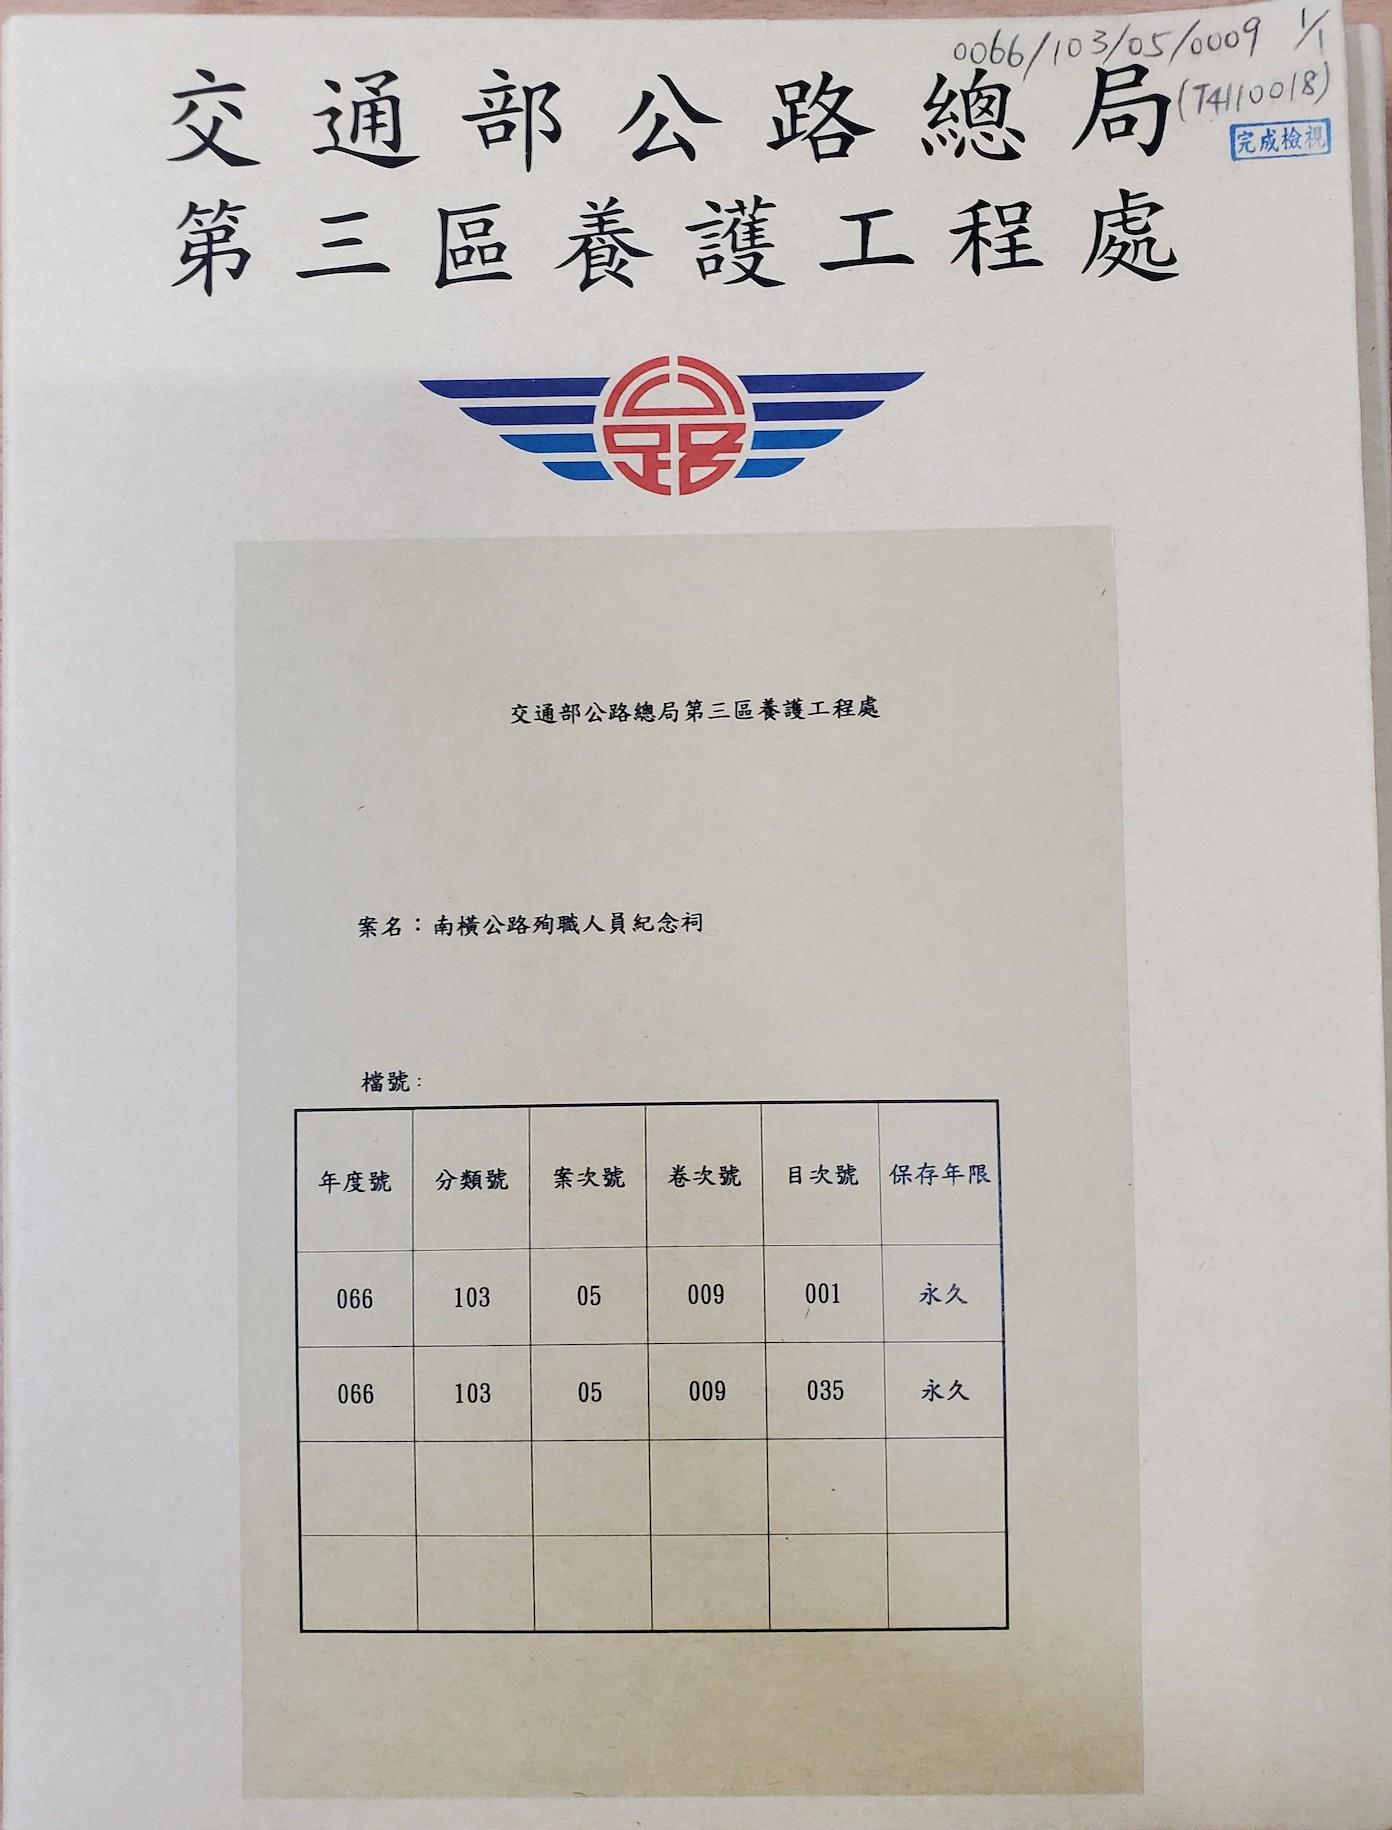 圖7 封面應標明機關全銜、檔號與案名